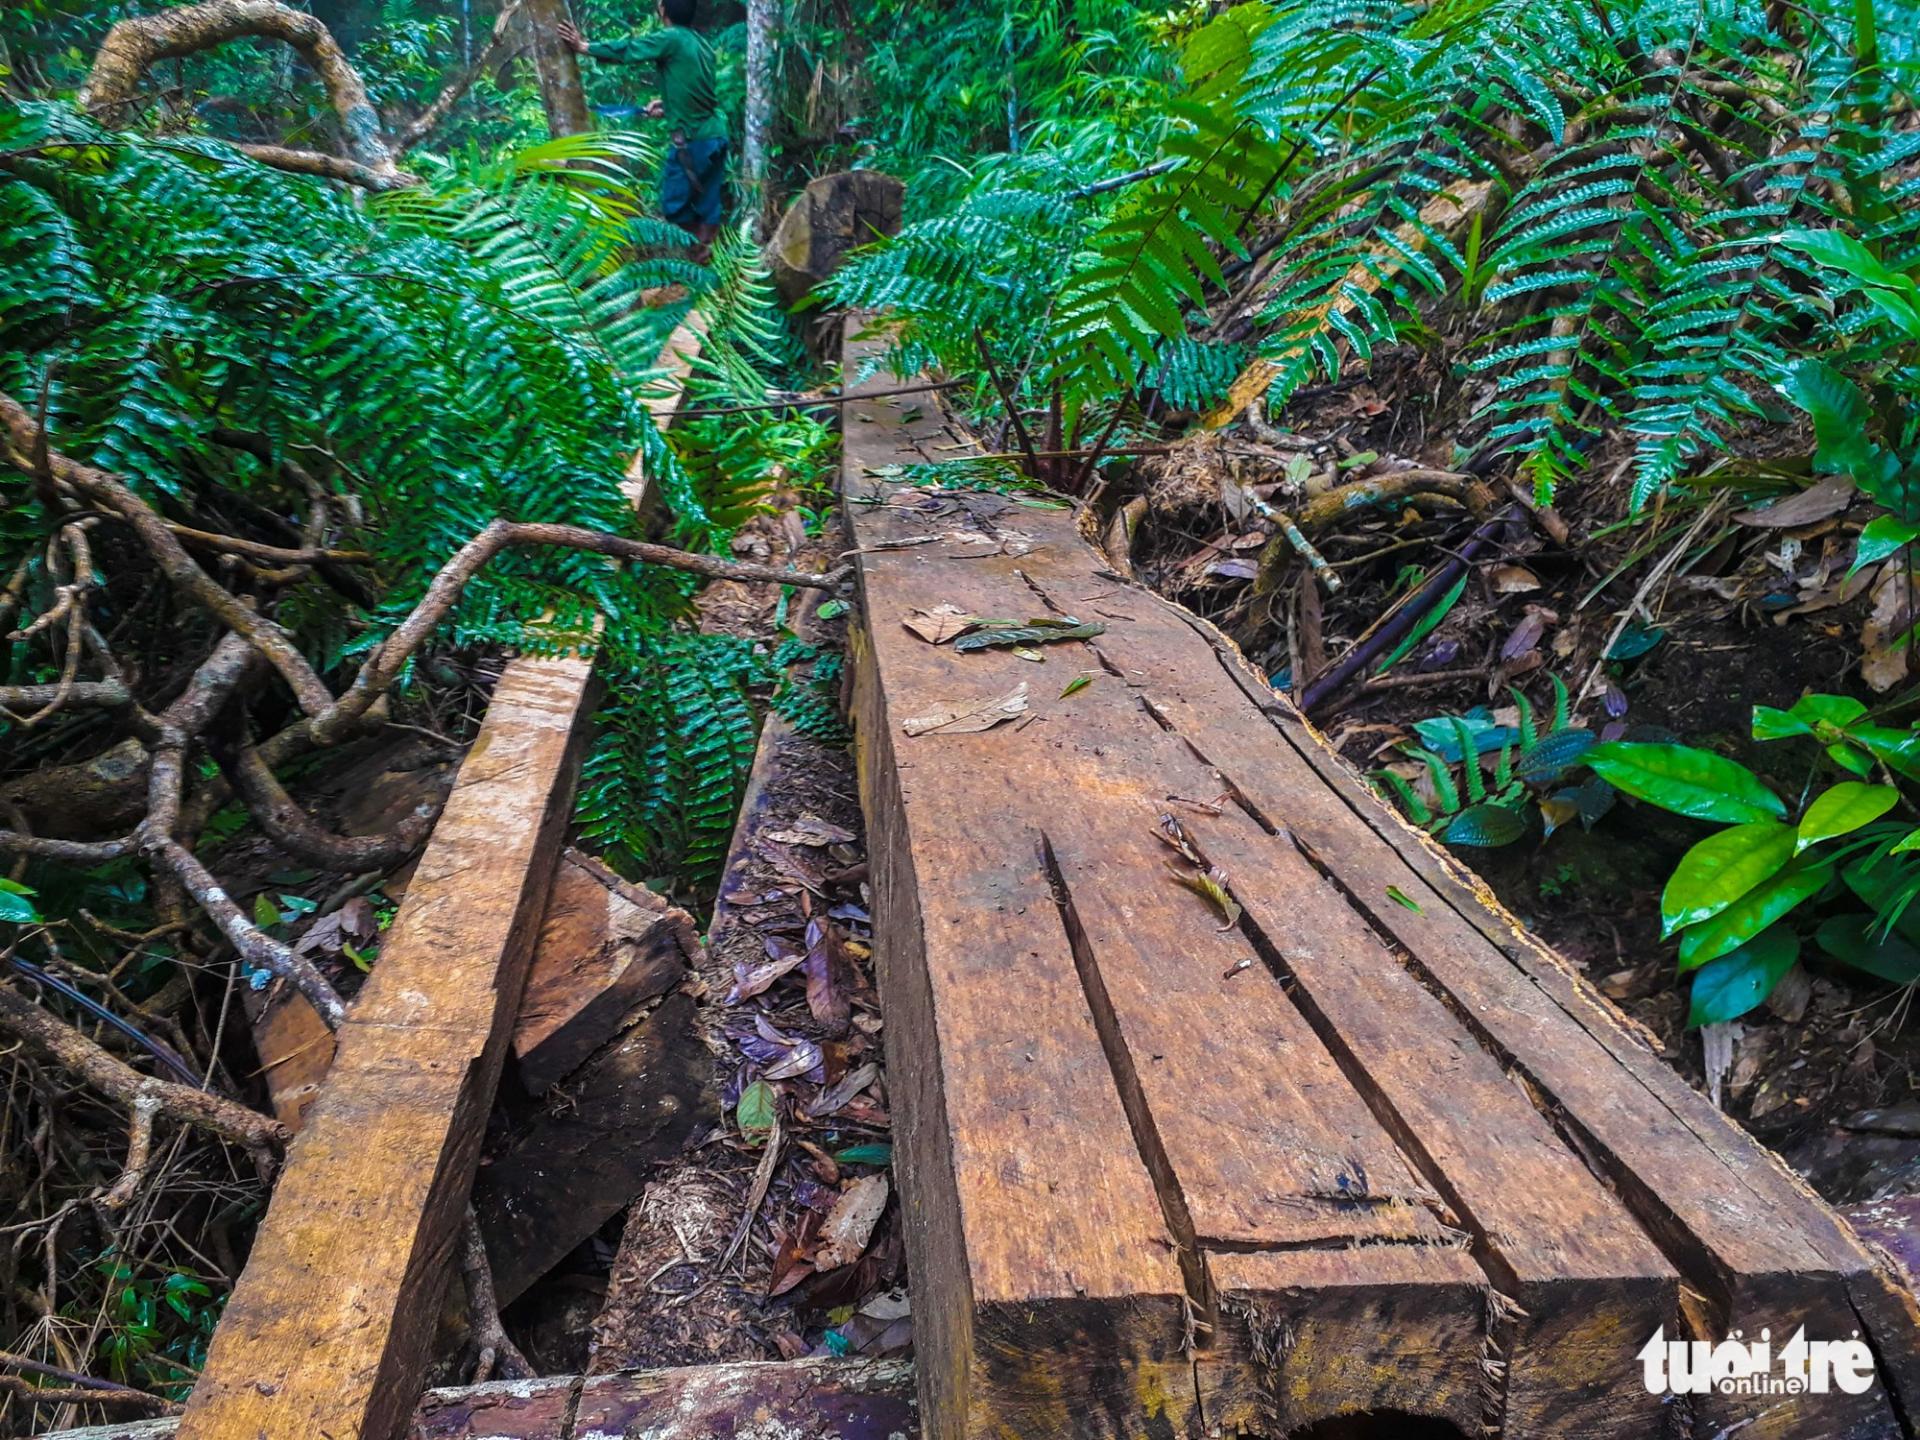 Tan nát rừng đầu nguồn: Cận cảnh rừng phòng hộ bị phá - Ảnh 5.